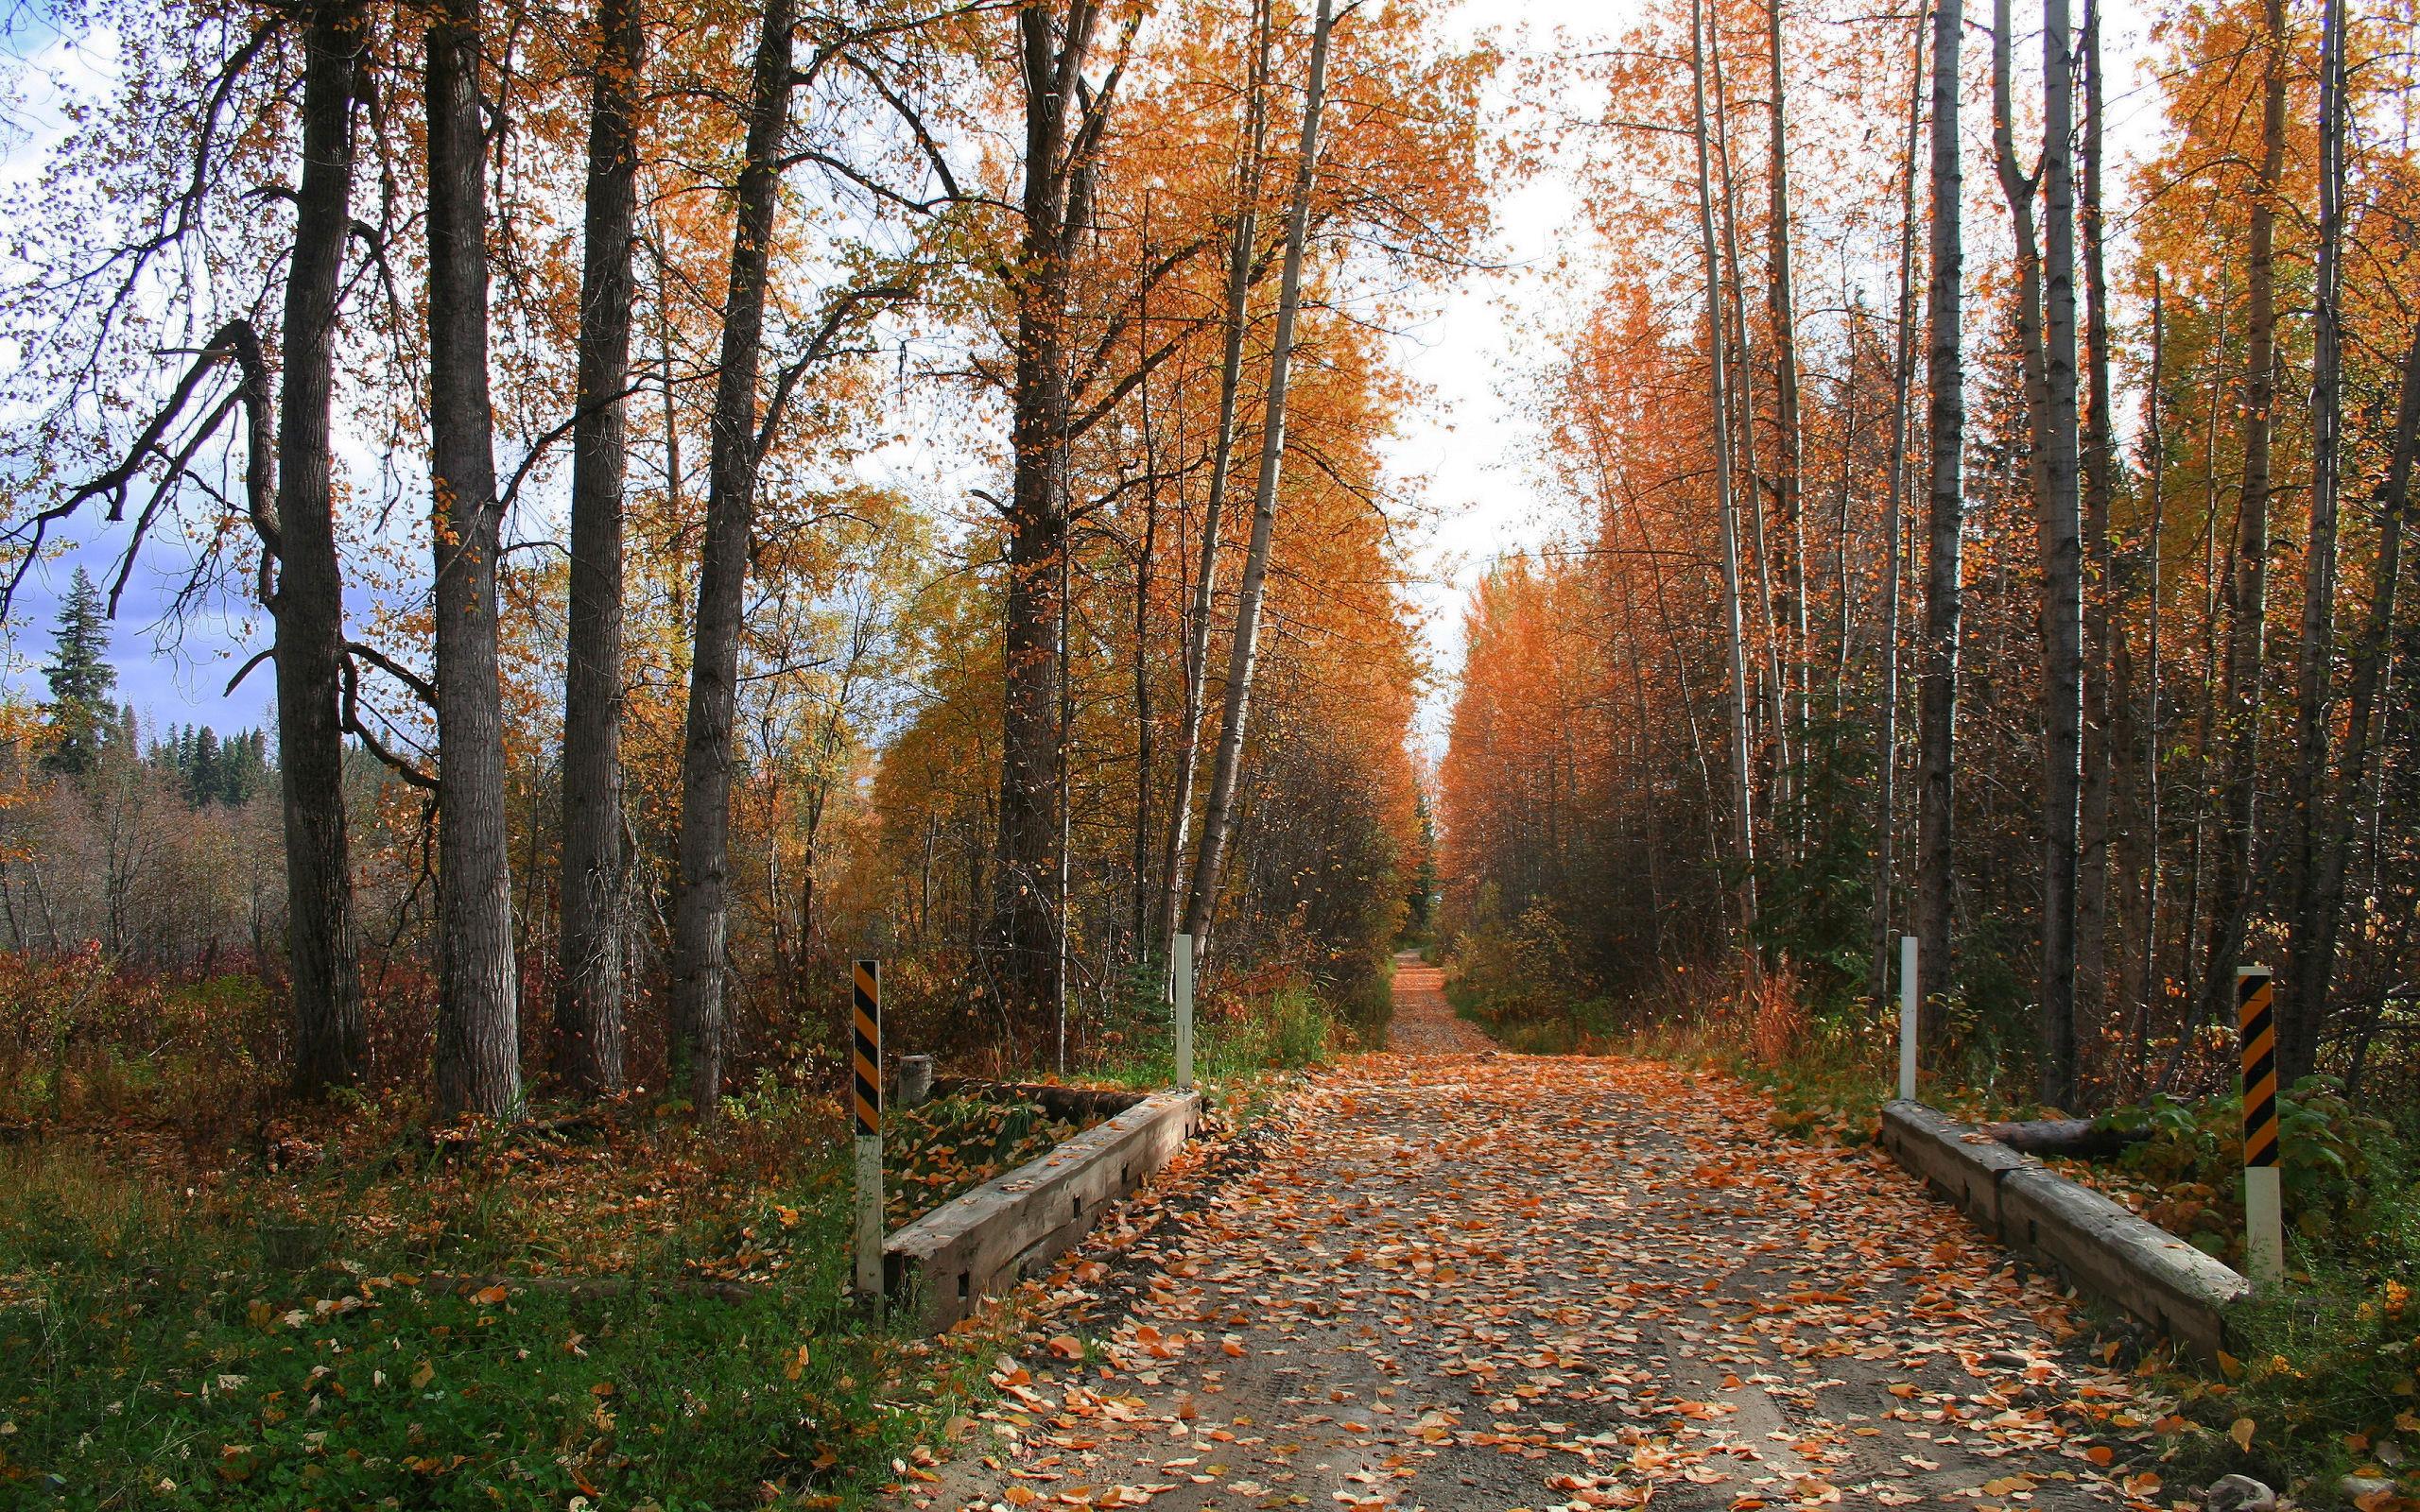 деревья парк осень роща  № 3186130 бесплатно